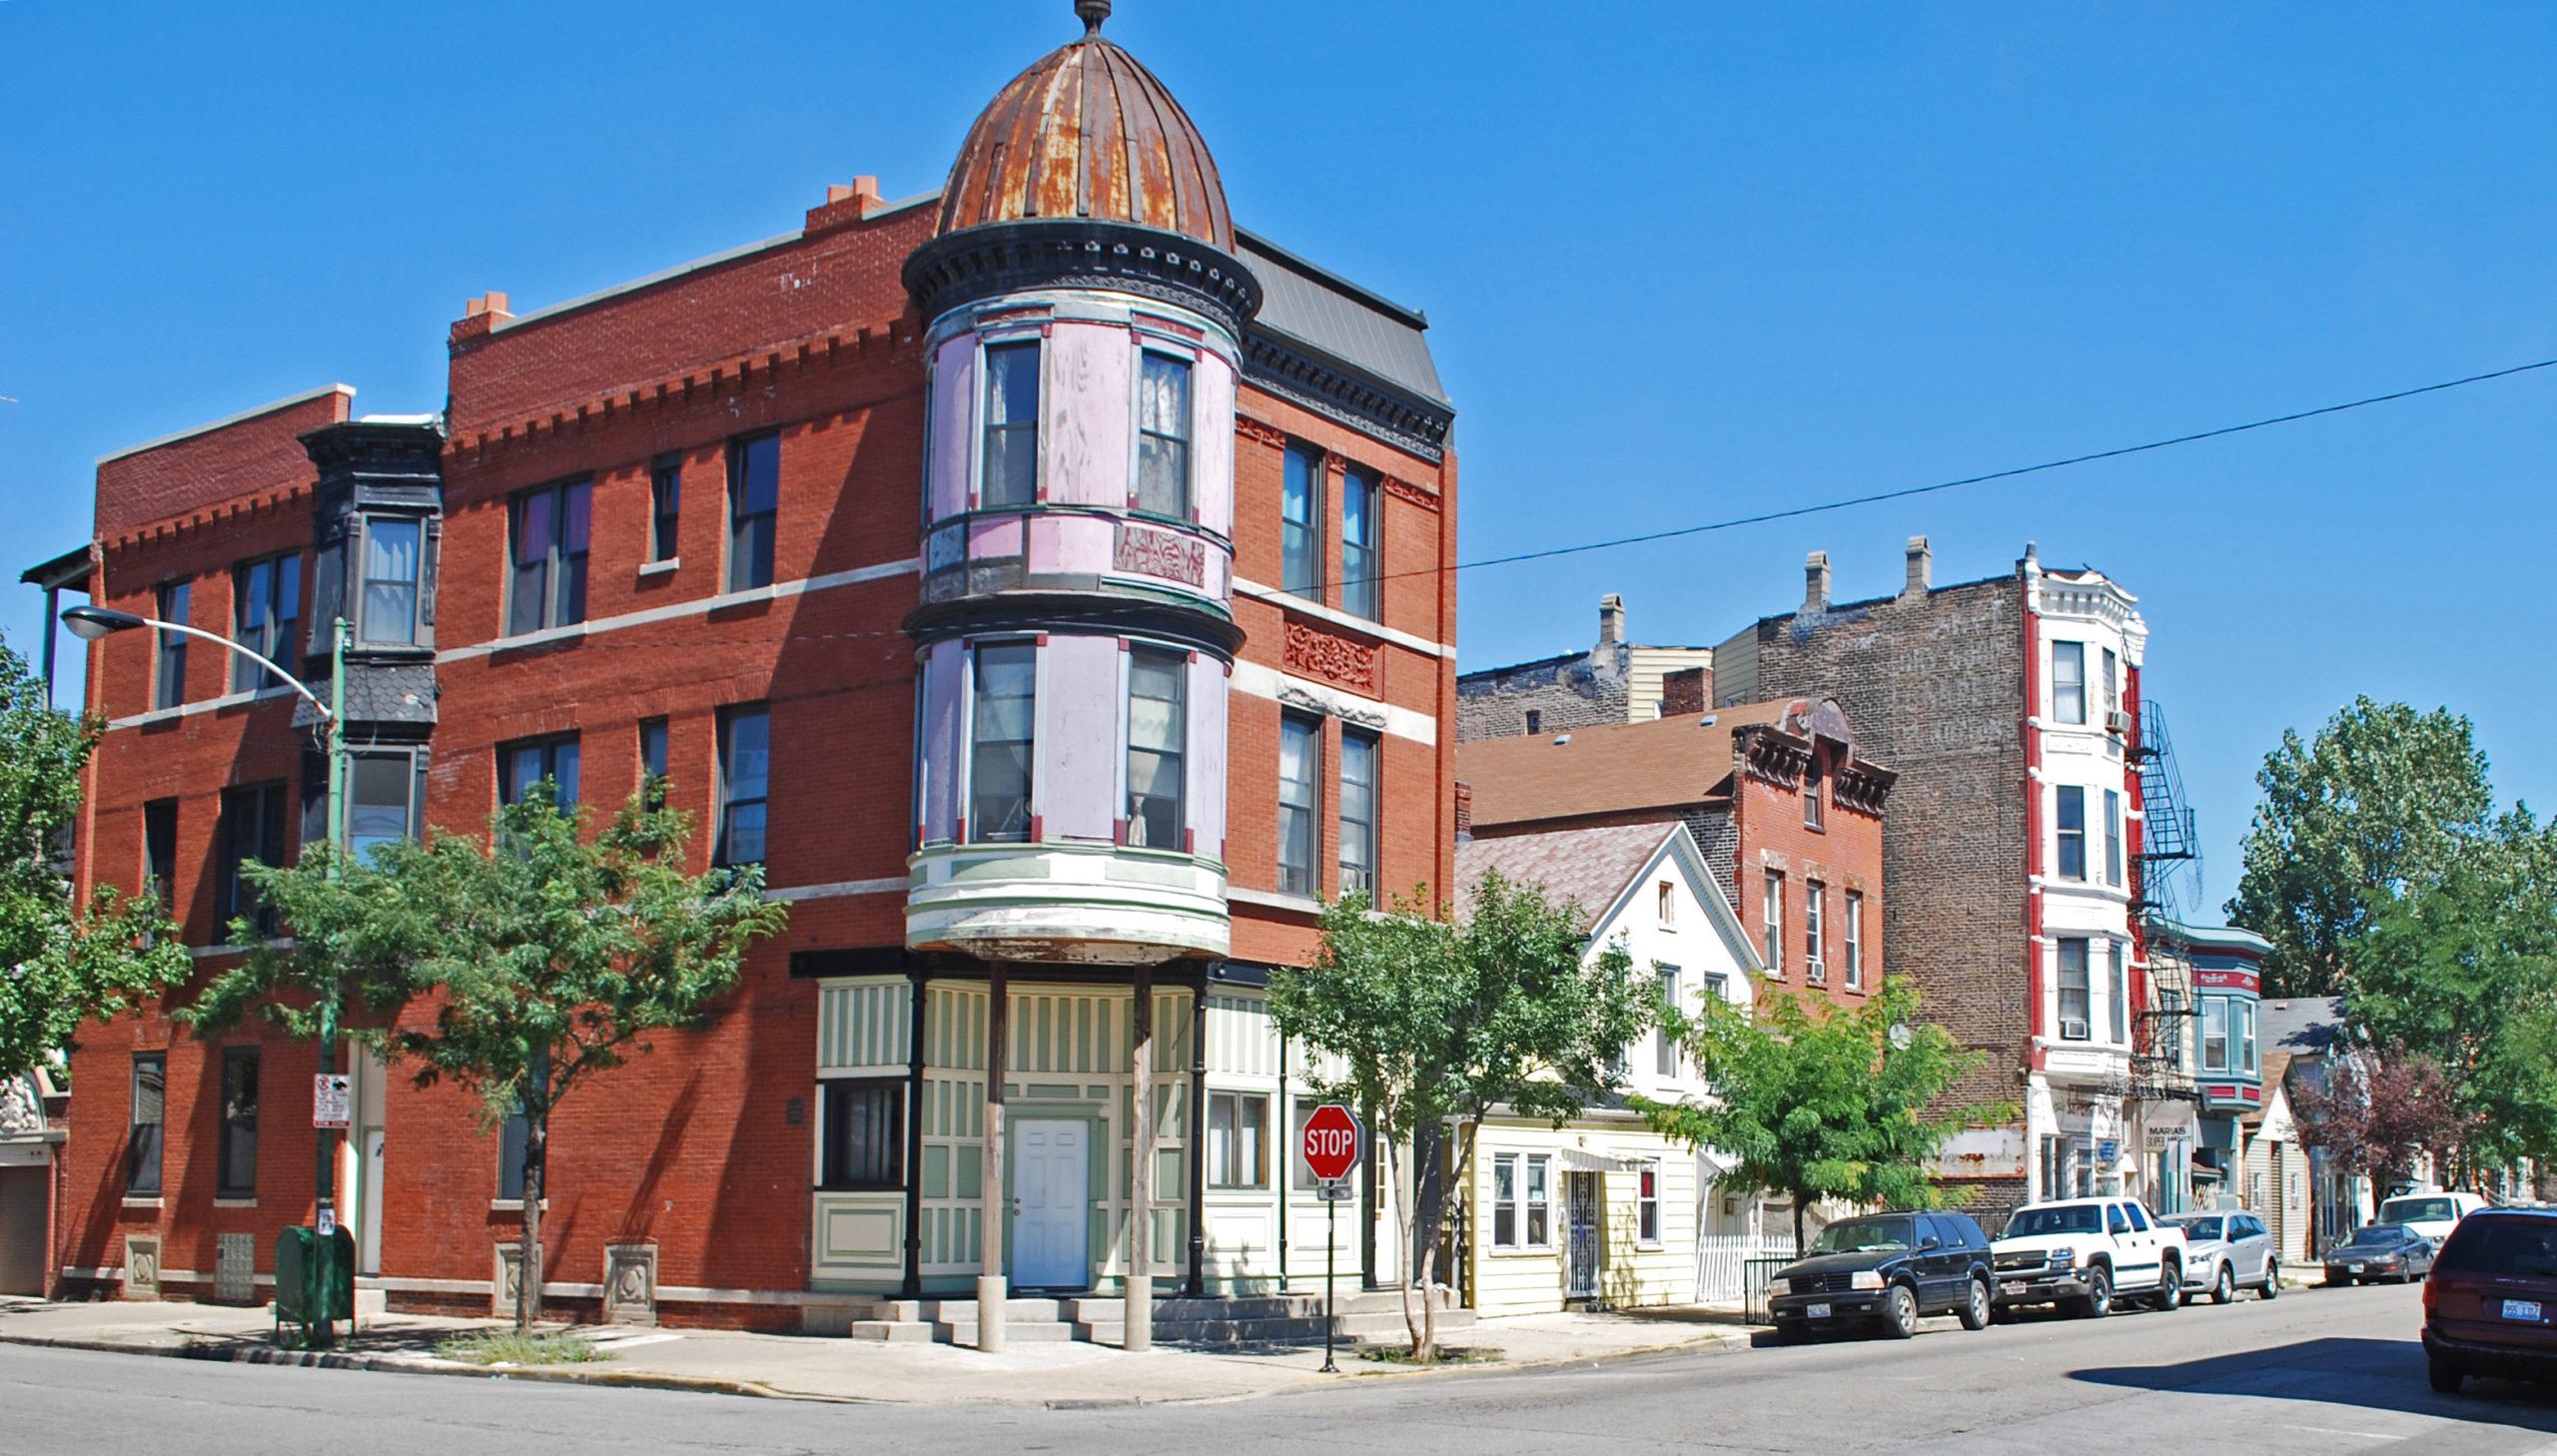 Corner building in Pilsen's historic district